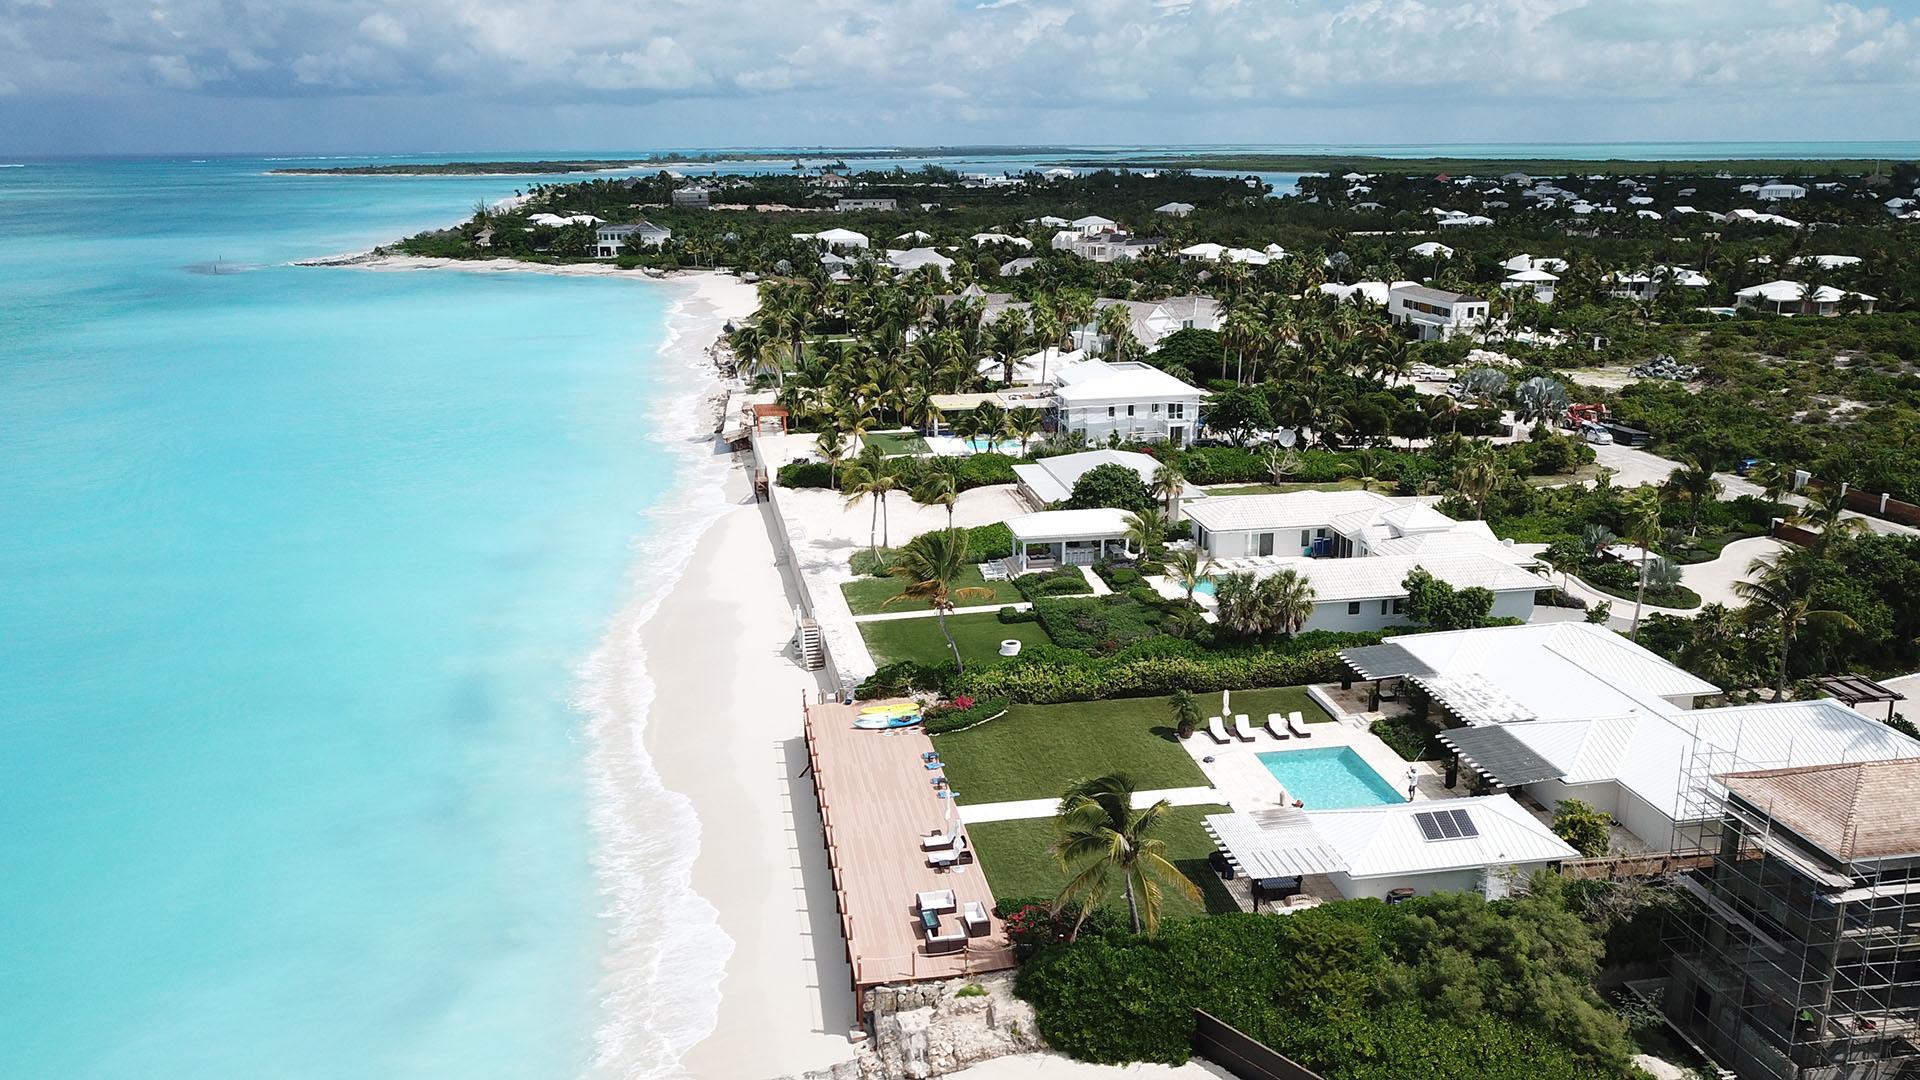 Villas privadas con salida exclusiva a la playa. Todas las mansiones construidas en el archipiélago son blancas, un color característico de Turks and Caicos